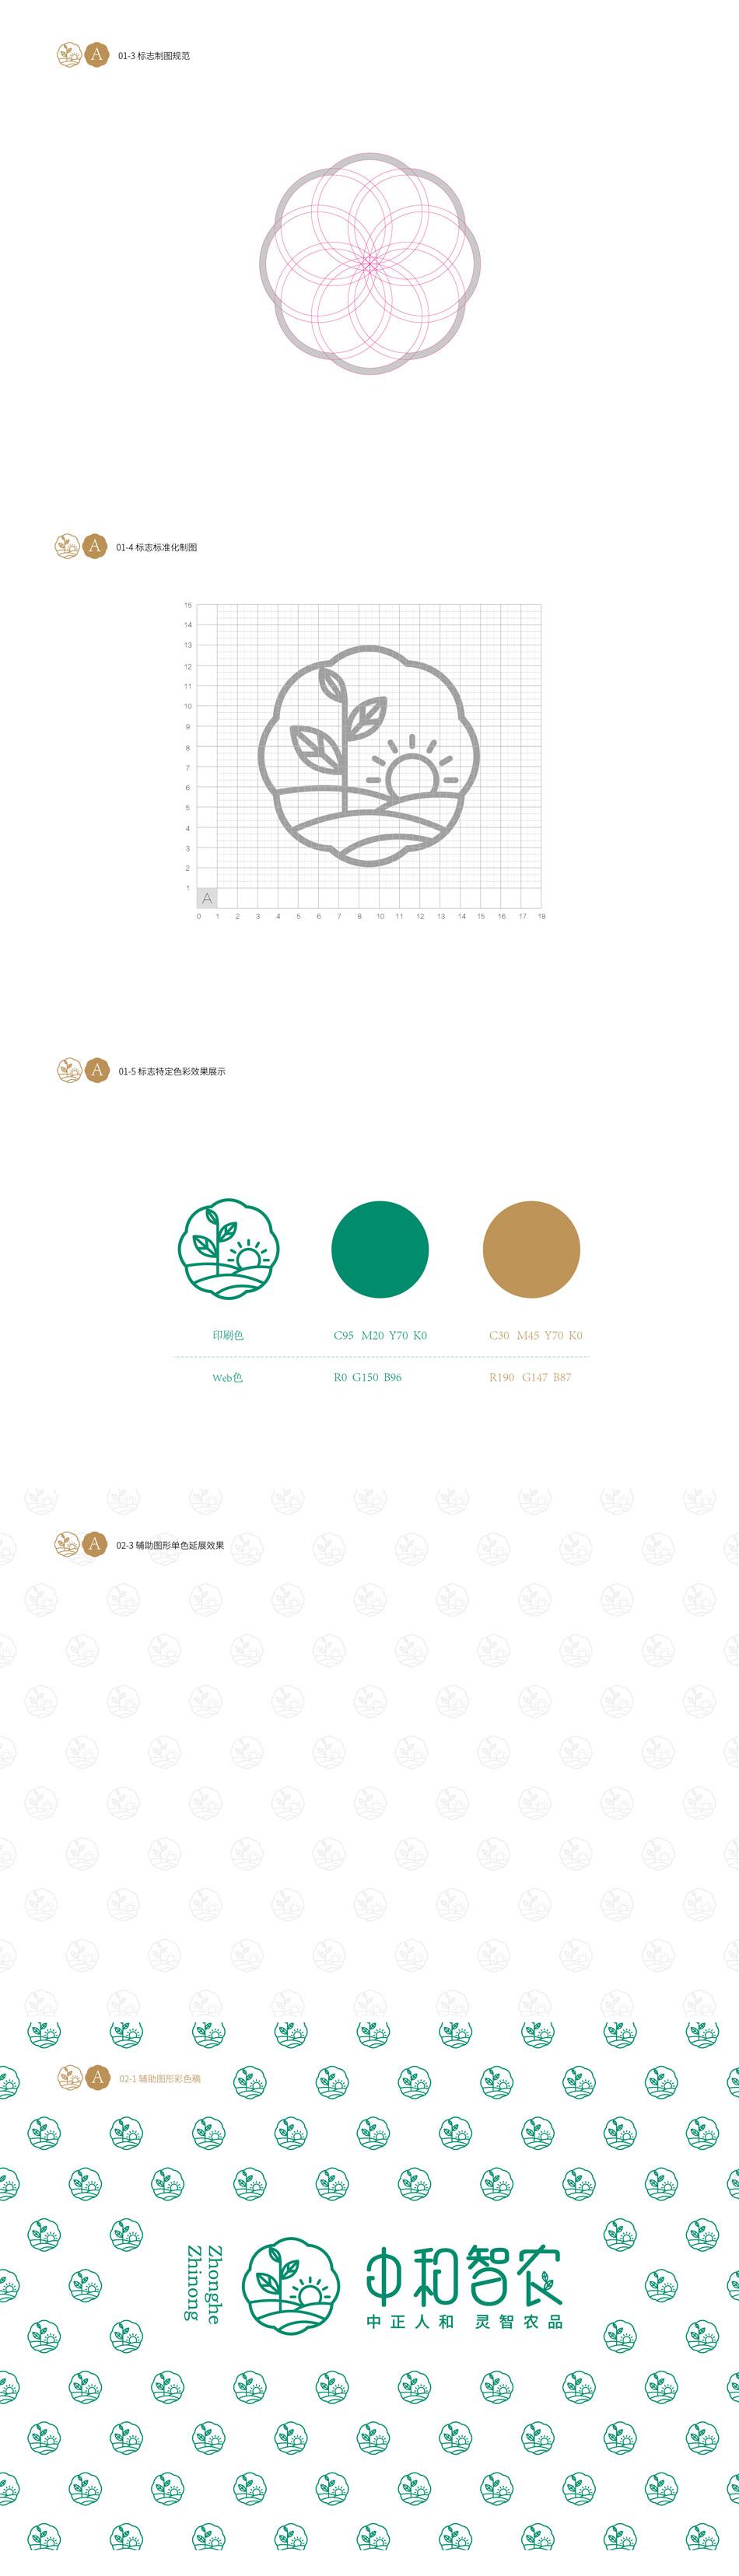 青岛中和智农生态农业品牌全案策划VIS设计